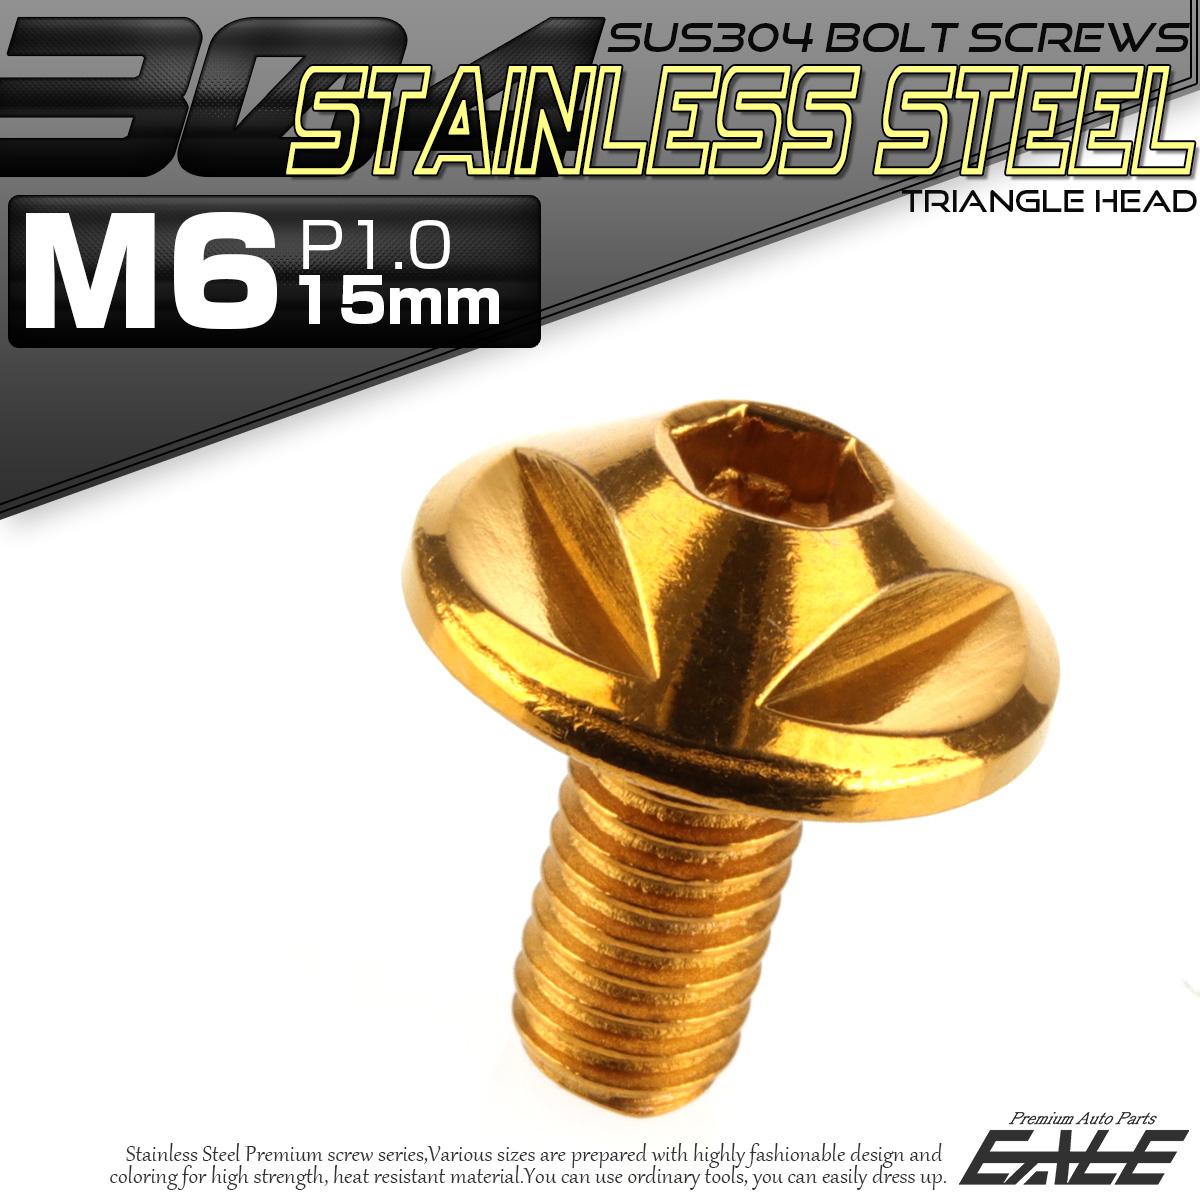 SUS304 フランジ付 ボタンボルト M6×15mm P1.0 六角穴  ゴールド トライアングルヘッド ステンレス製  TR0150